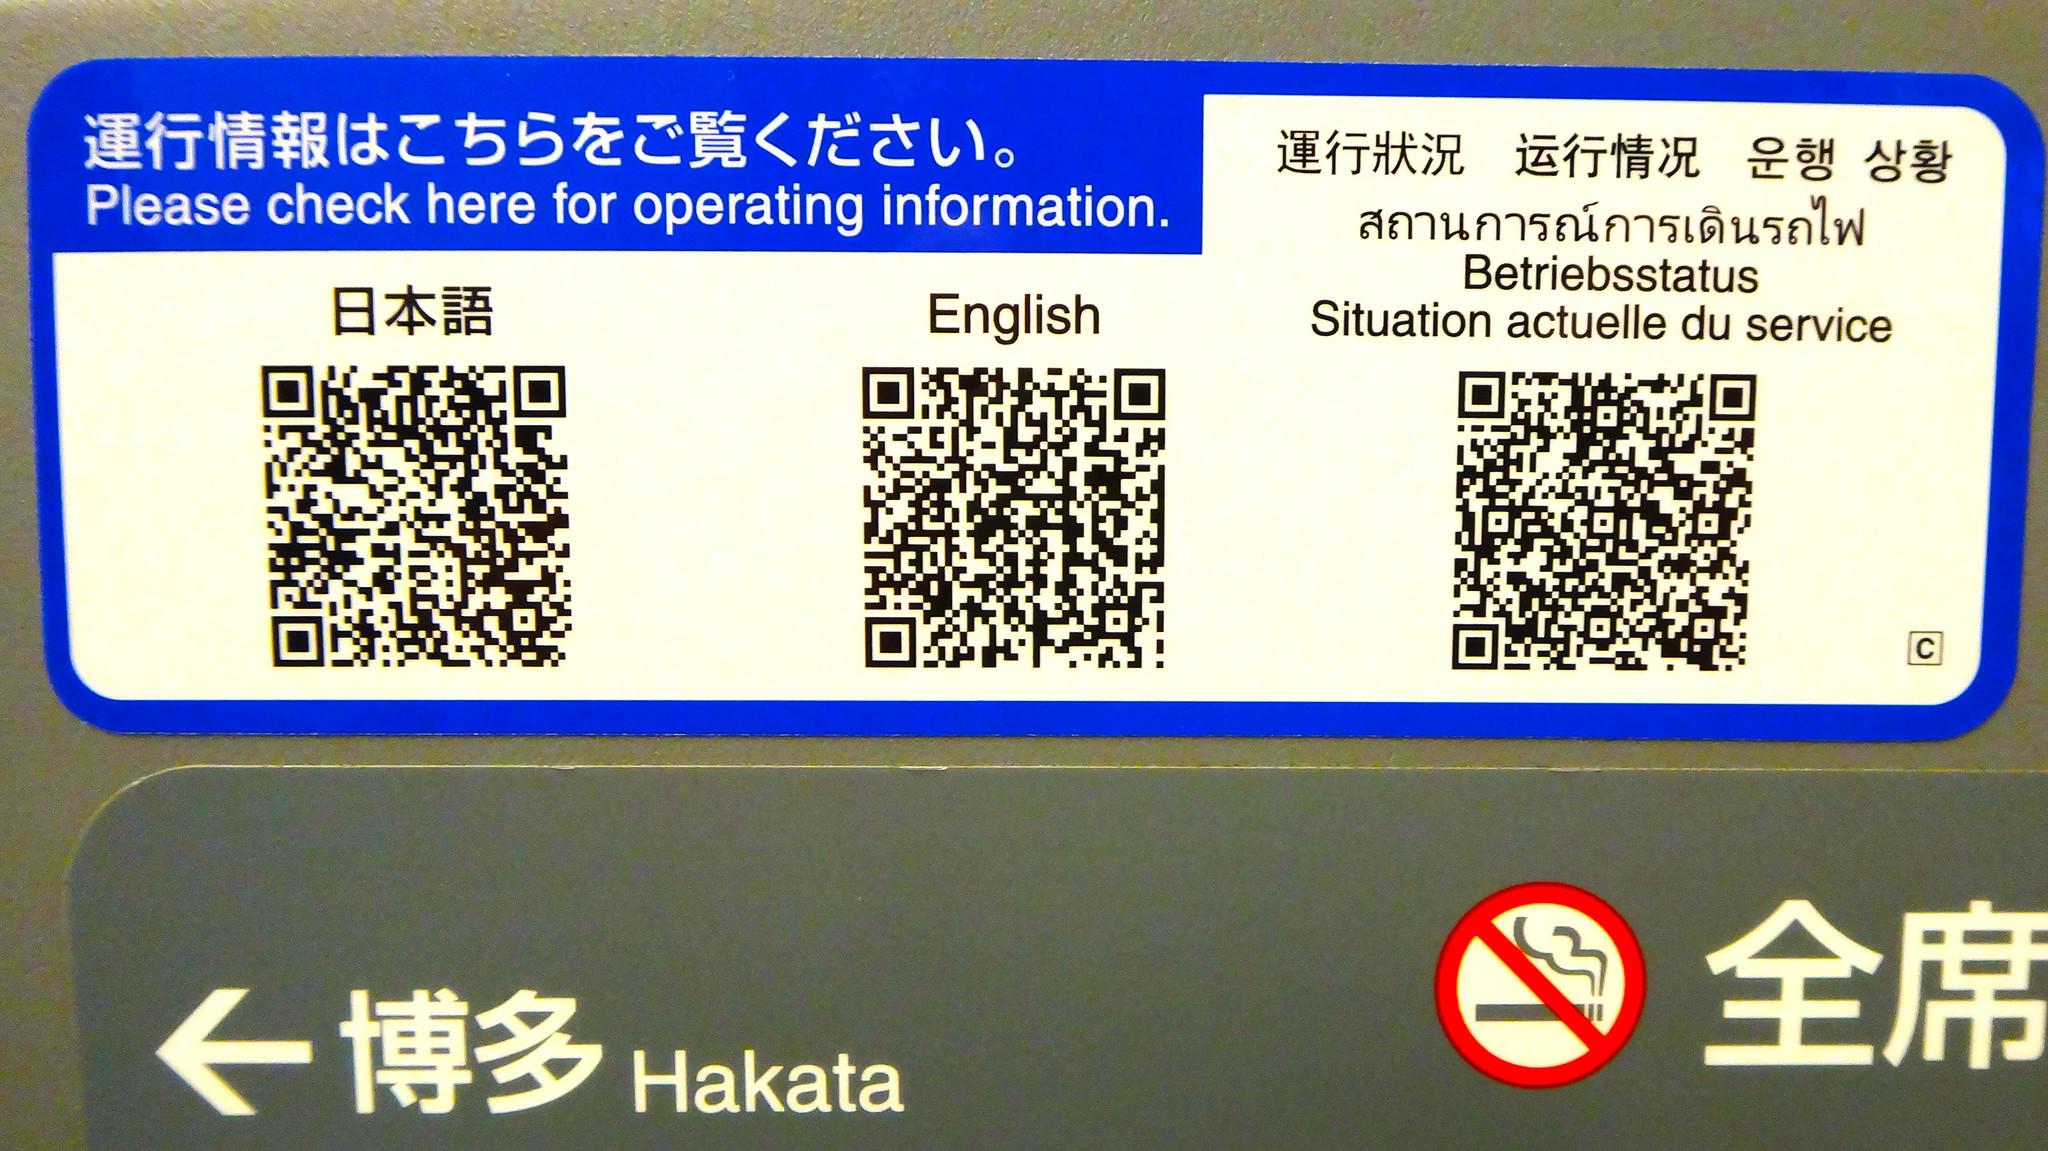 東海道新幹線の背もたれ(撮影:筆者)